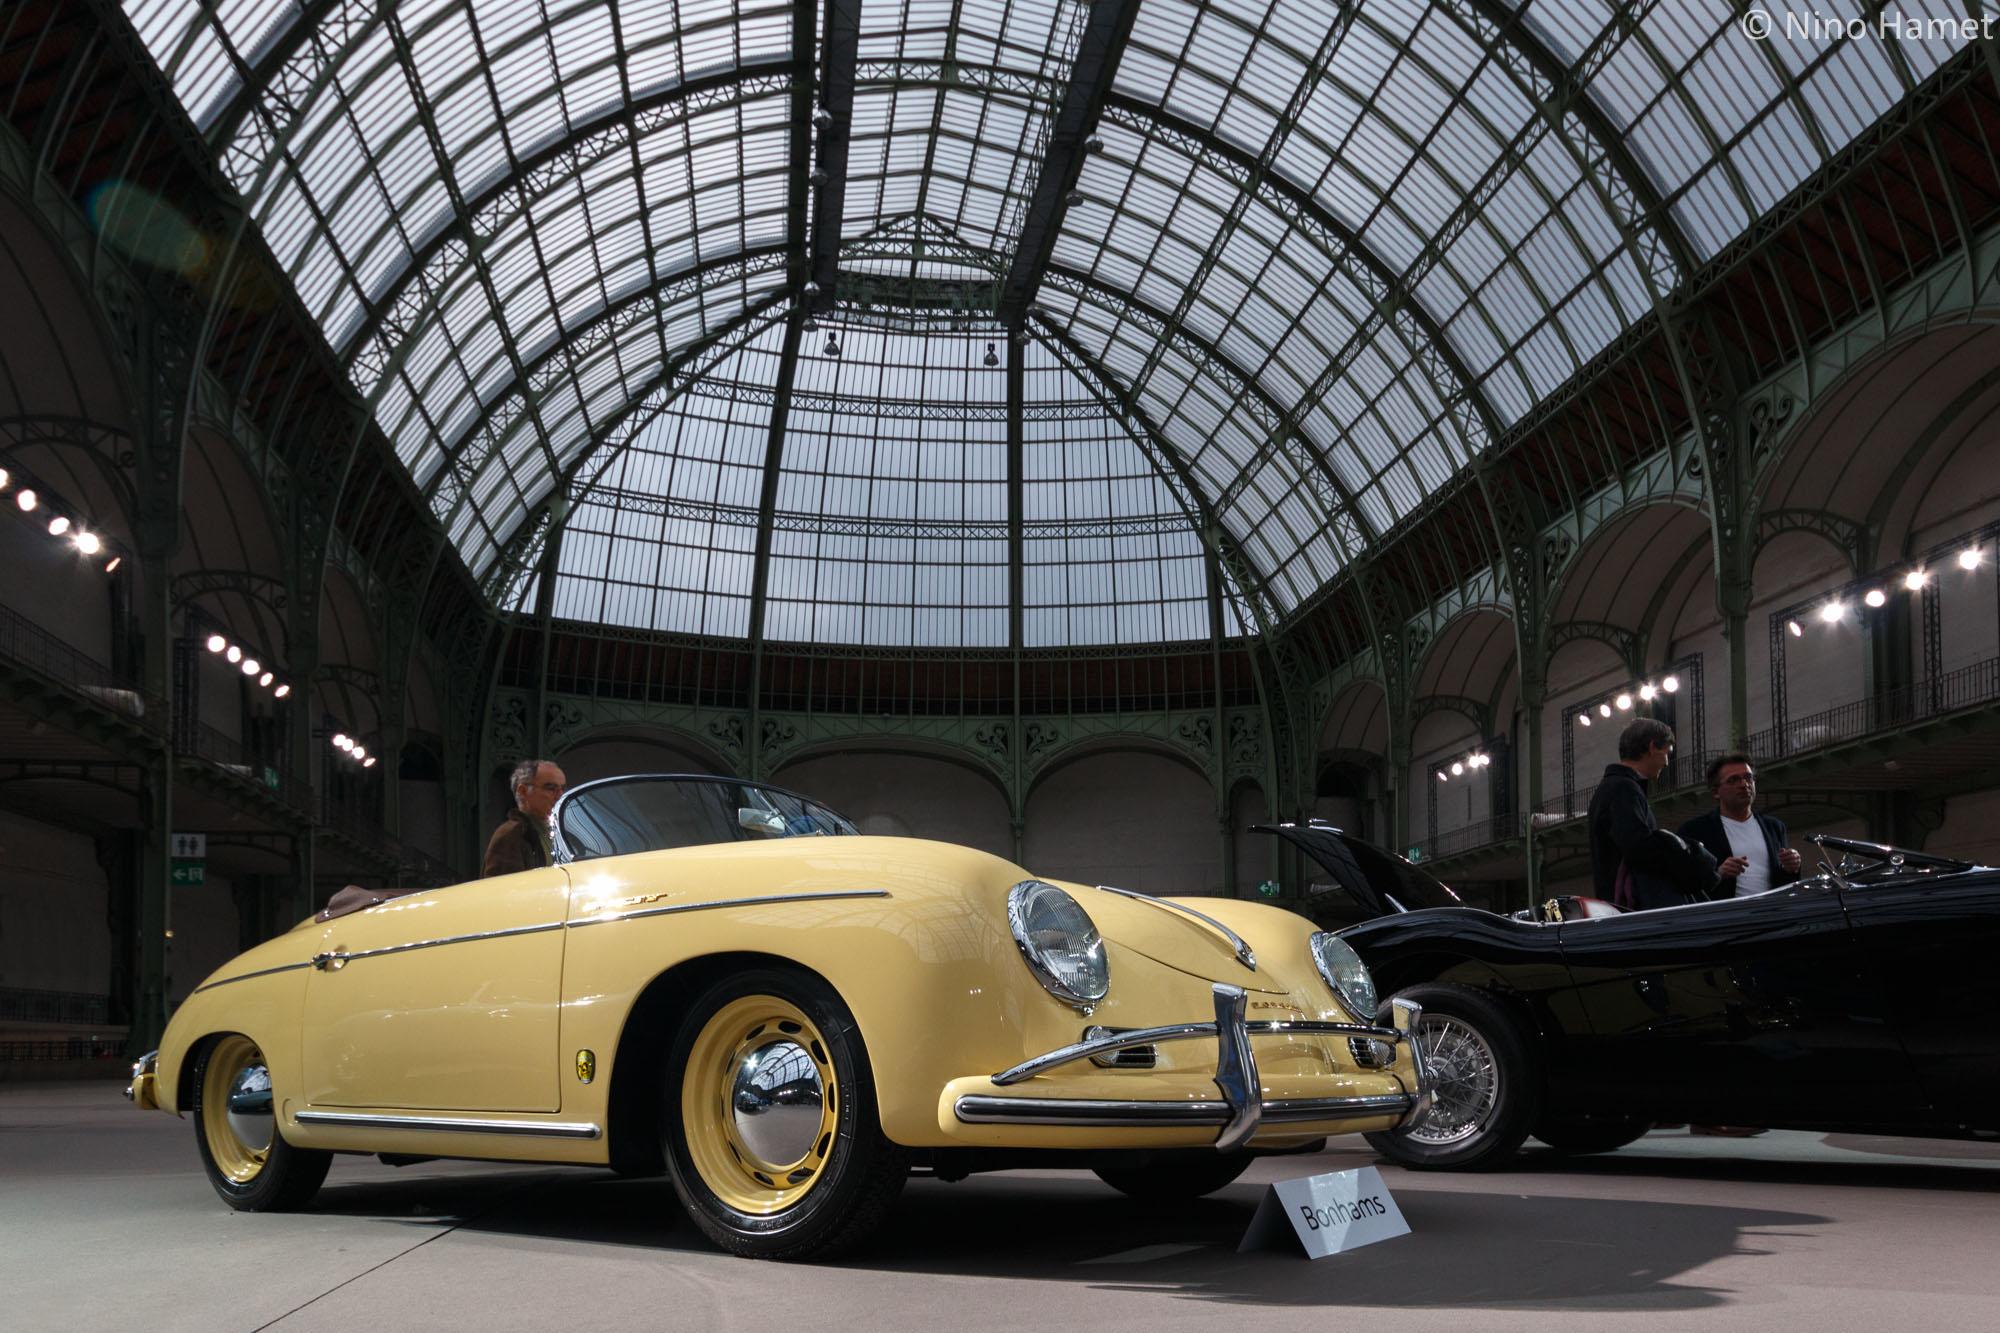 Porsche 356 Super Speedster Pre-A de 1955, une merveille cédée 320 000 euros par son propriétaire.